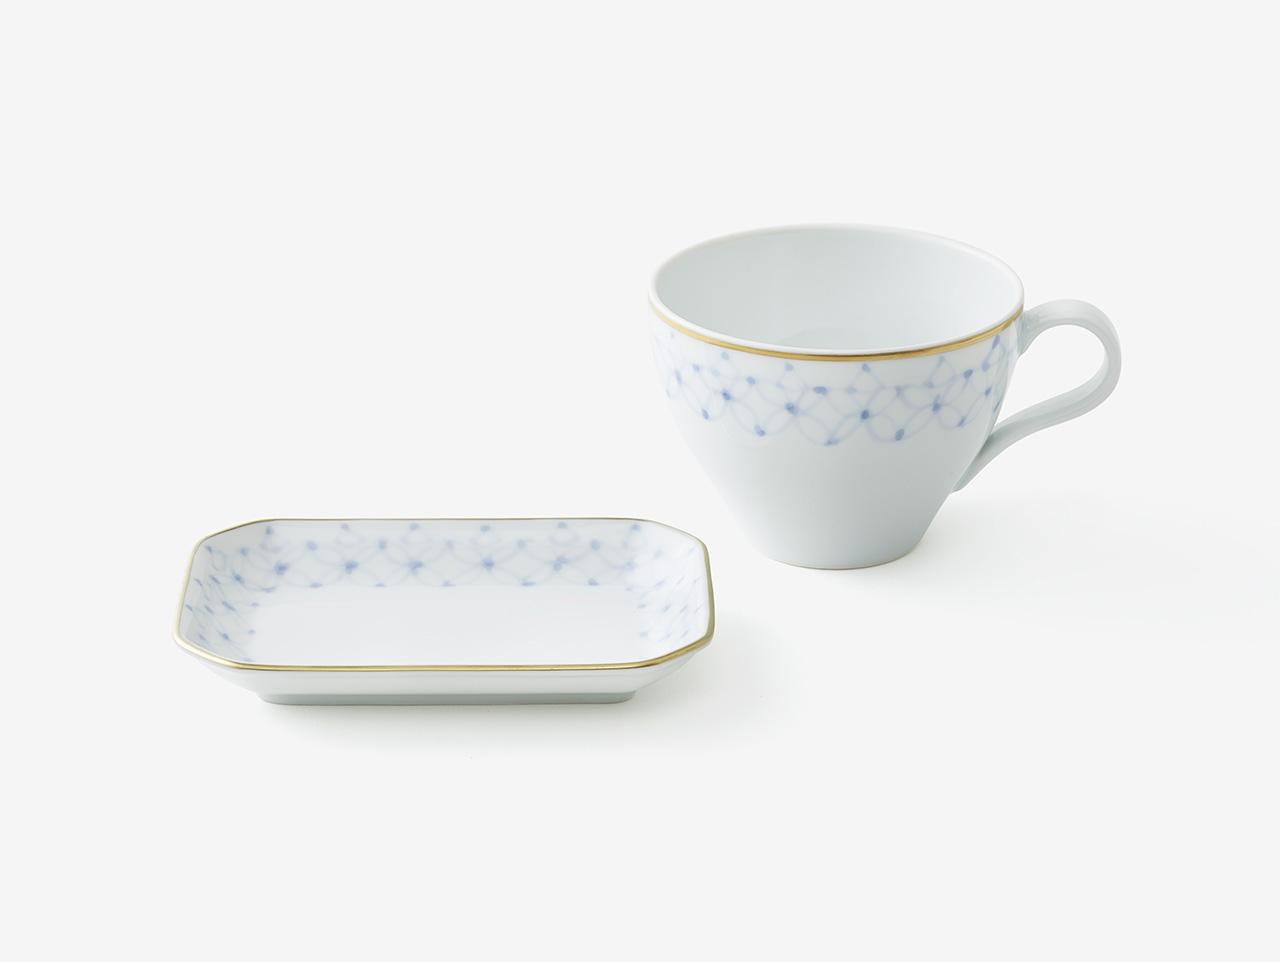 フィナンシェと紅茶の器「アンリ・シャルパンティエモデル」